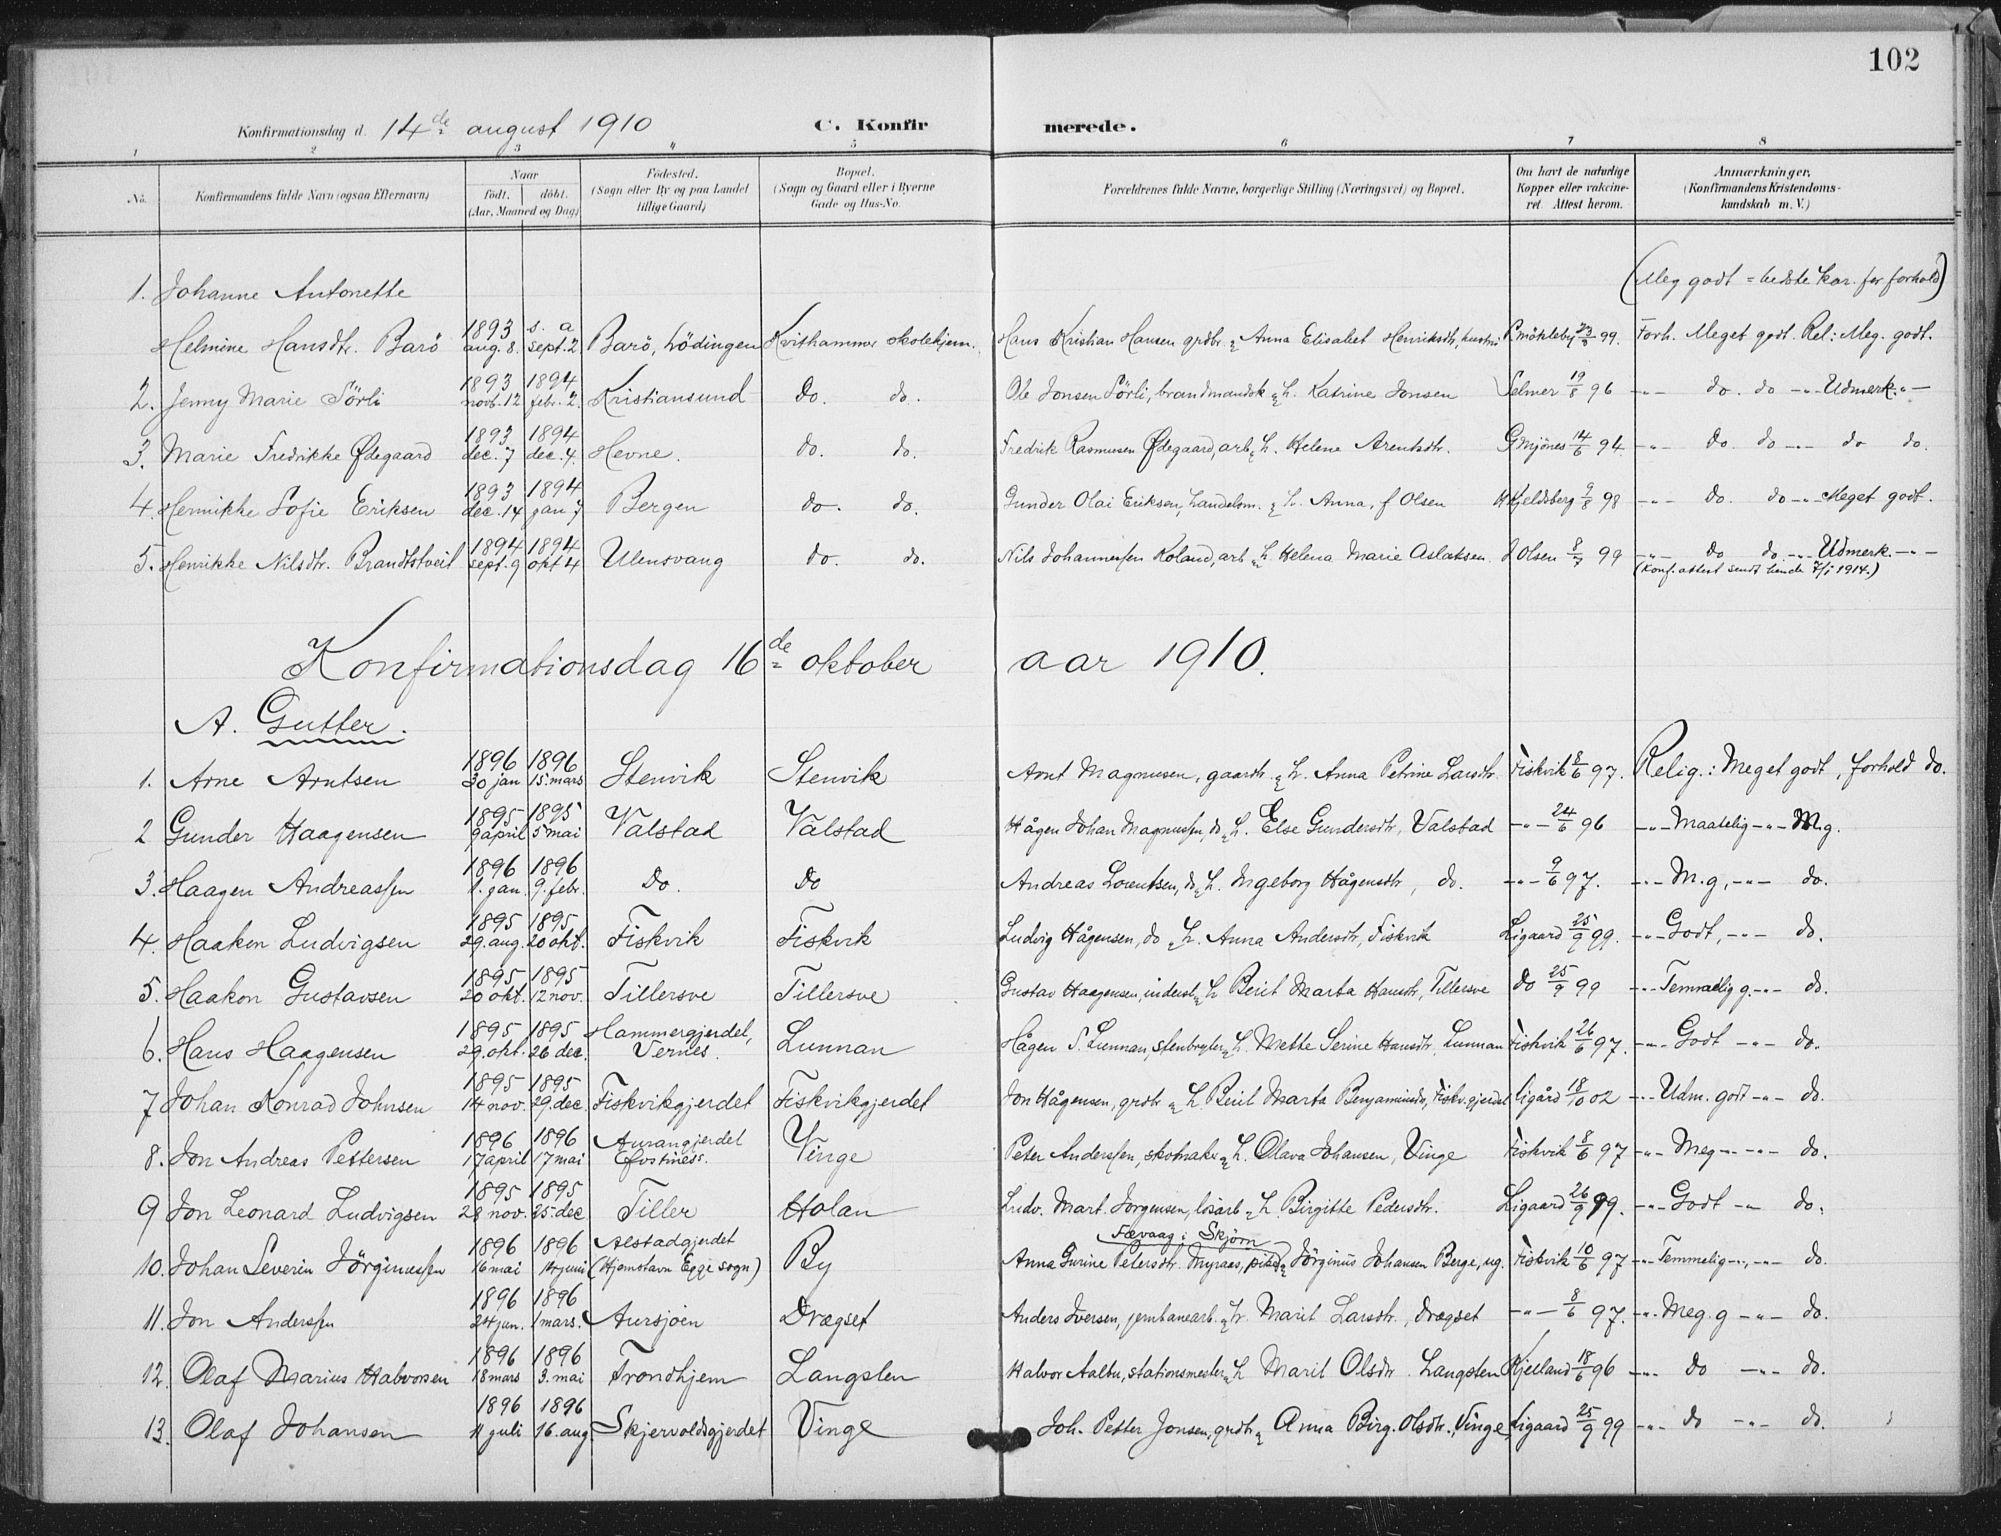 SAT, Ministerialprotokoller, klokkerbøker og fødselsregistre - Nord-Trøndelag, 712/L0101: Ministerialbok nr. 712A02, 1901-1916, s. 102